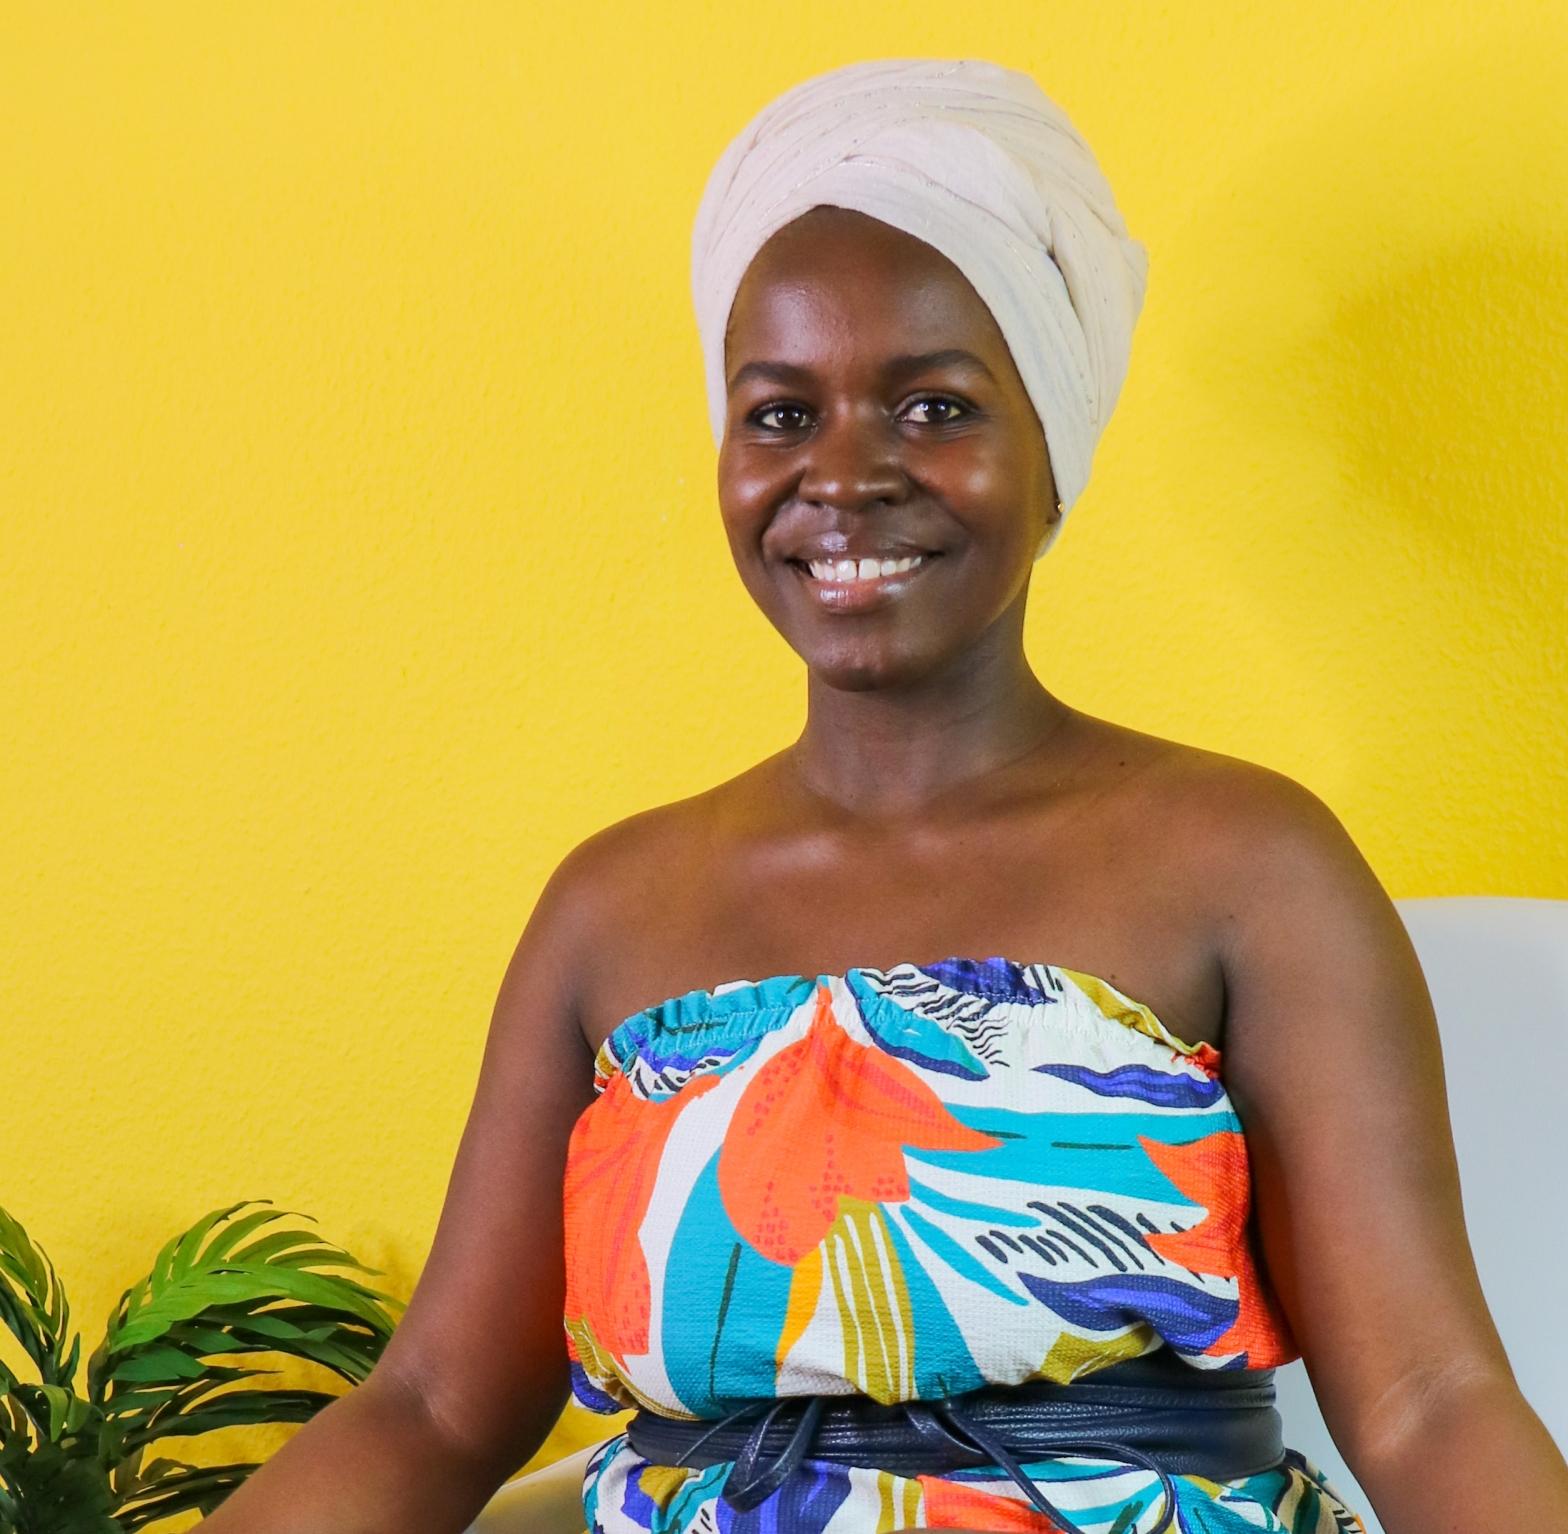 WanjikuMwaura sitted infront of a yellow background